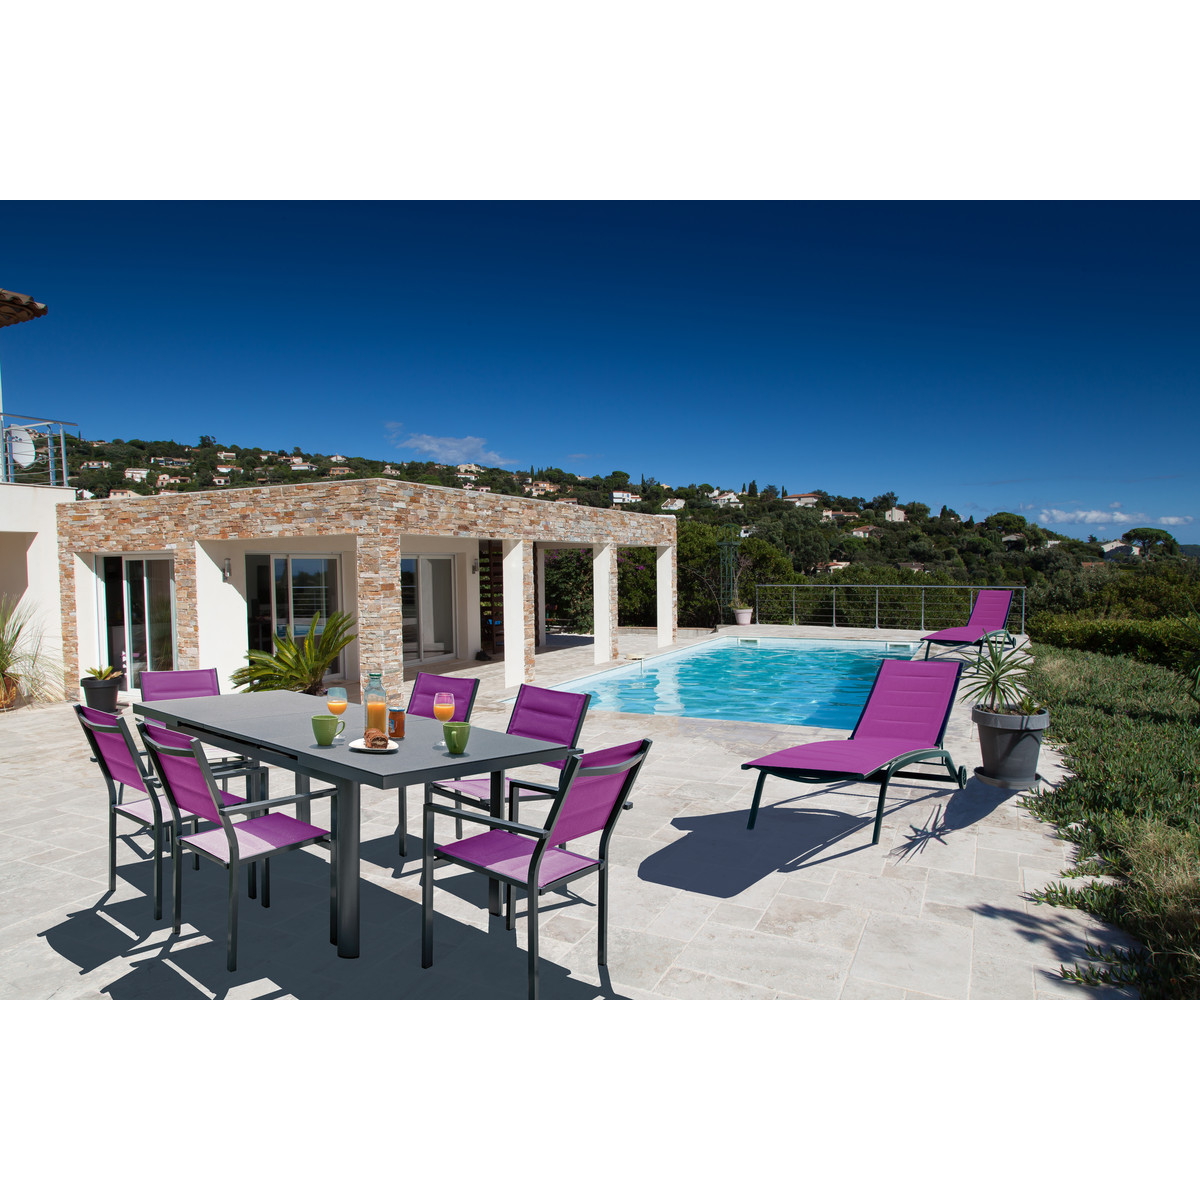 ELIXIR Salon de jardin MALAGA 6 personnes + 2 bains de soleil ...